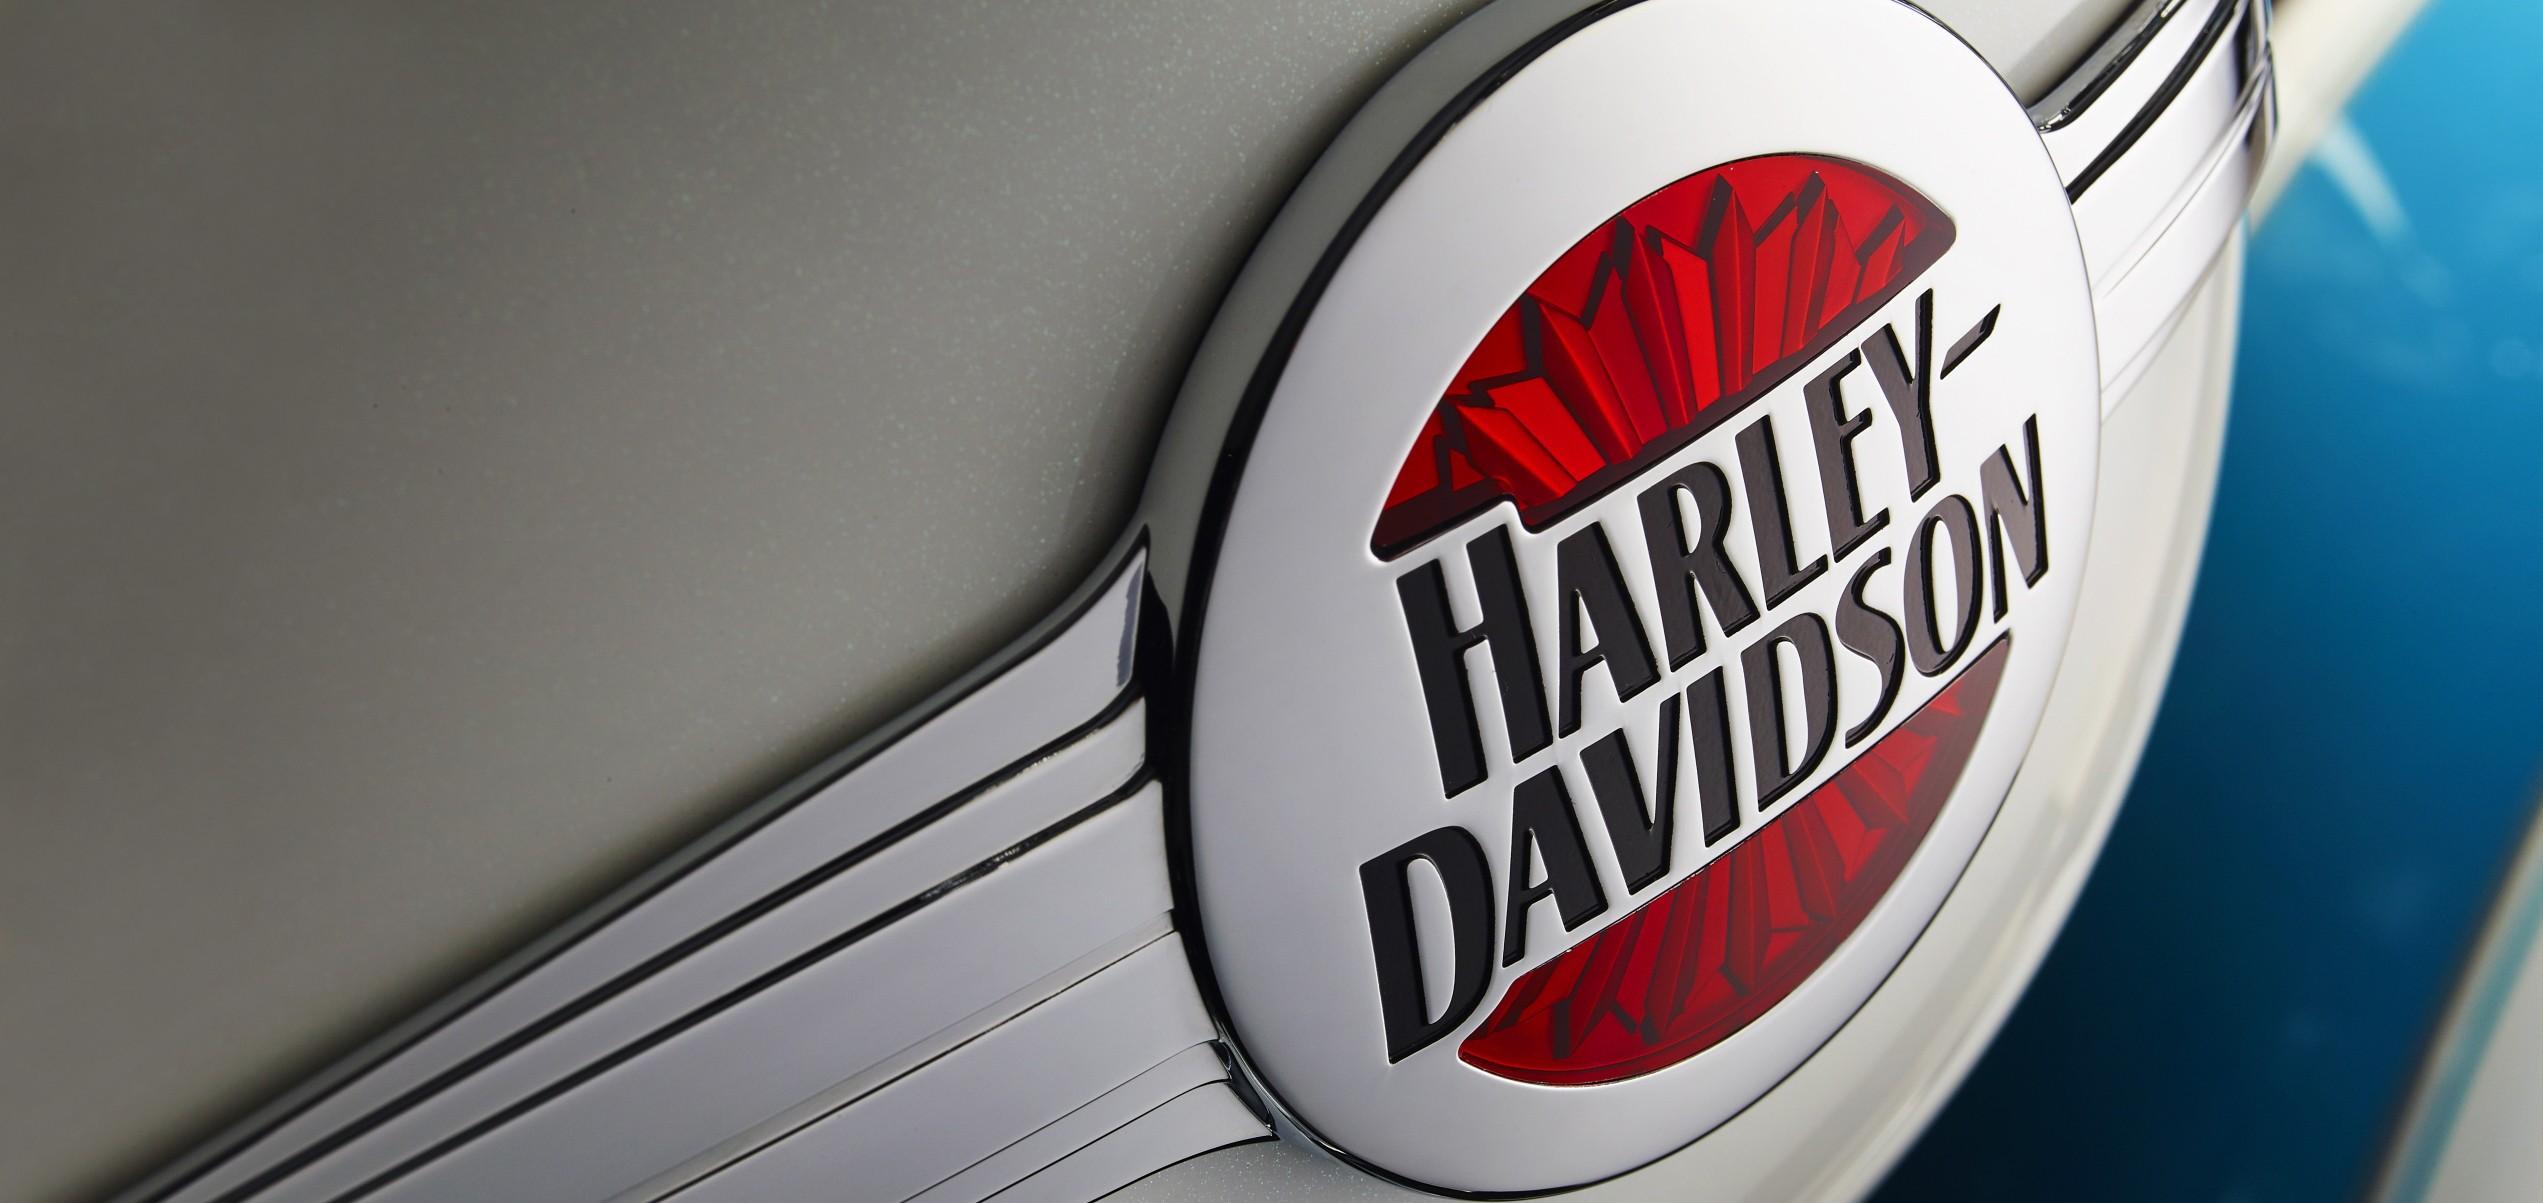 www.hdfsi.com login